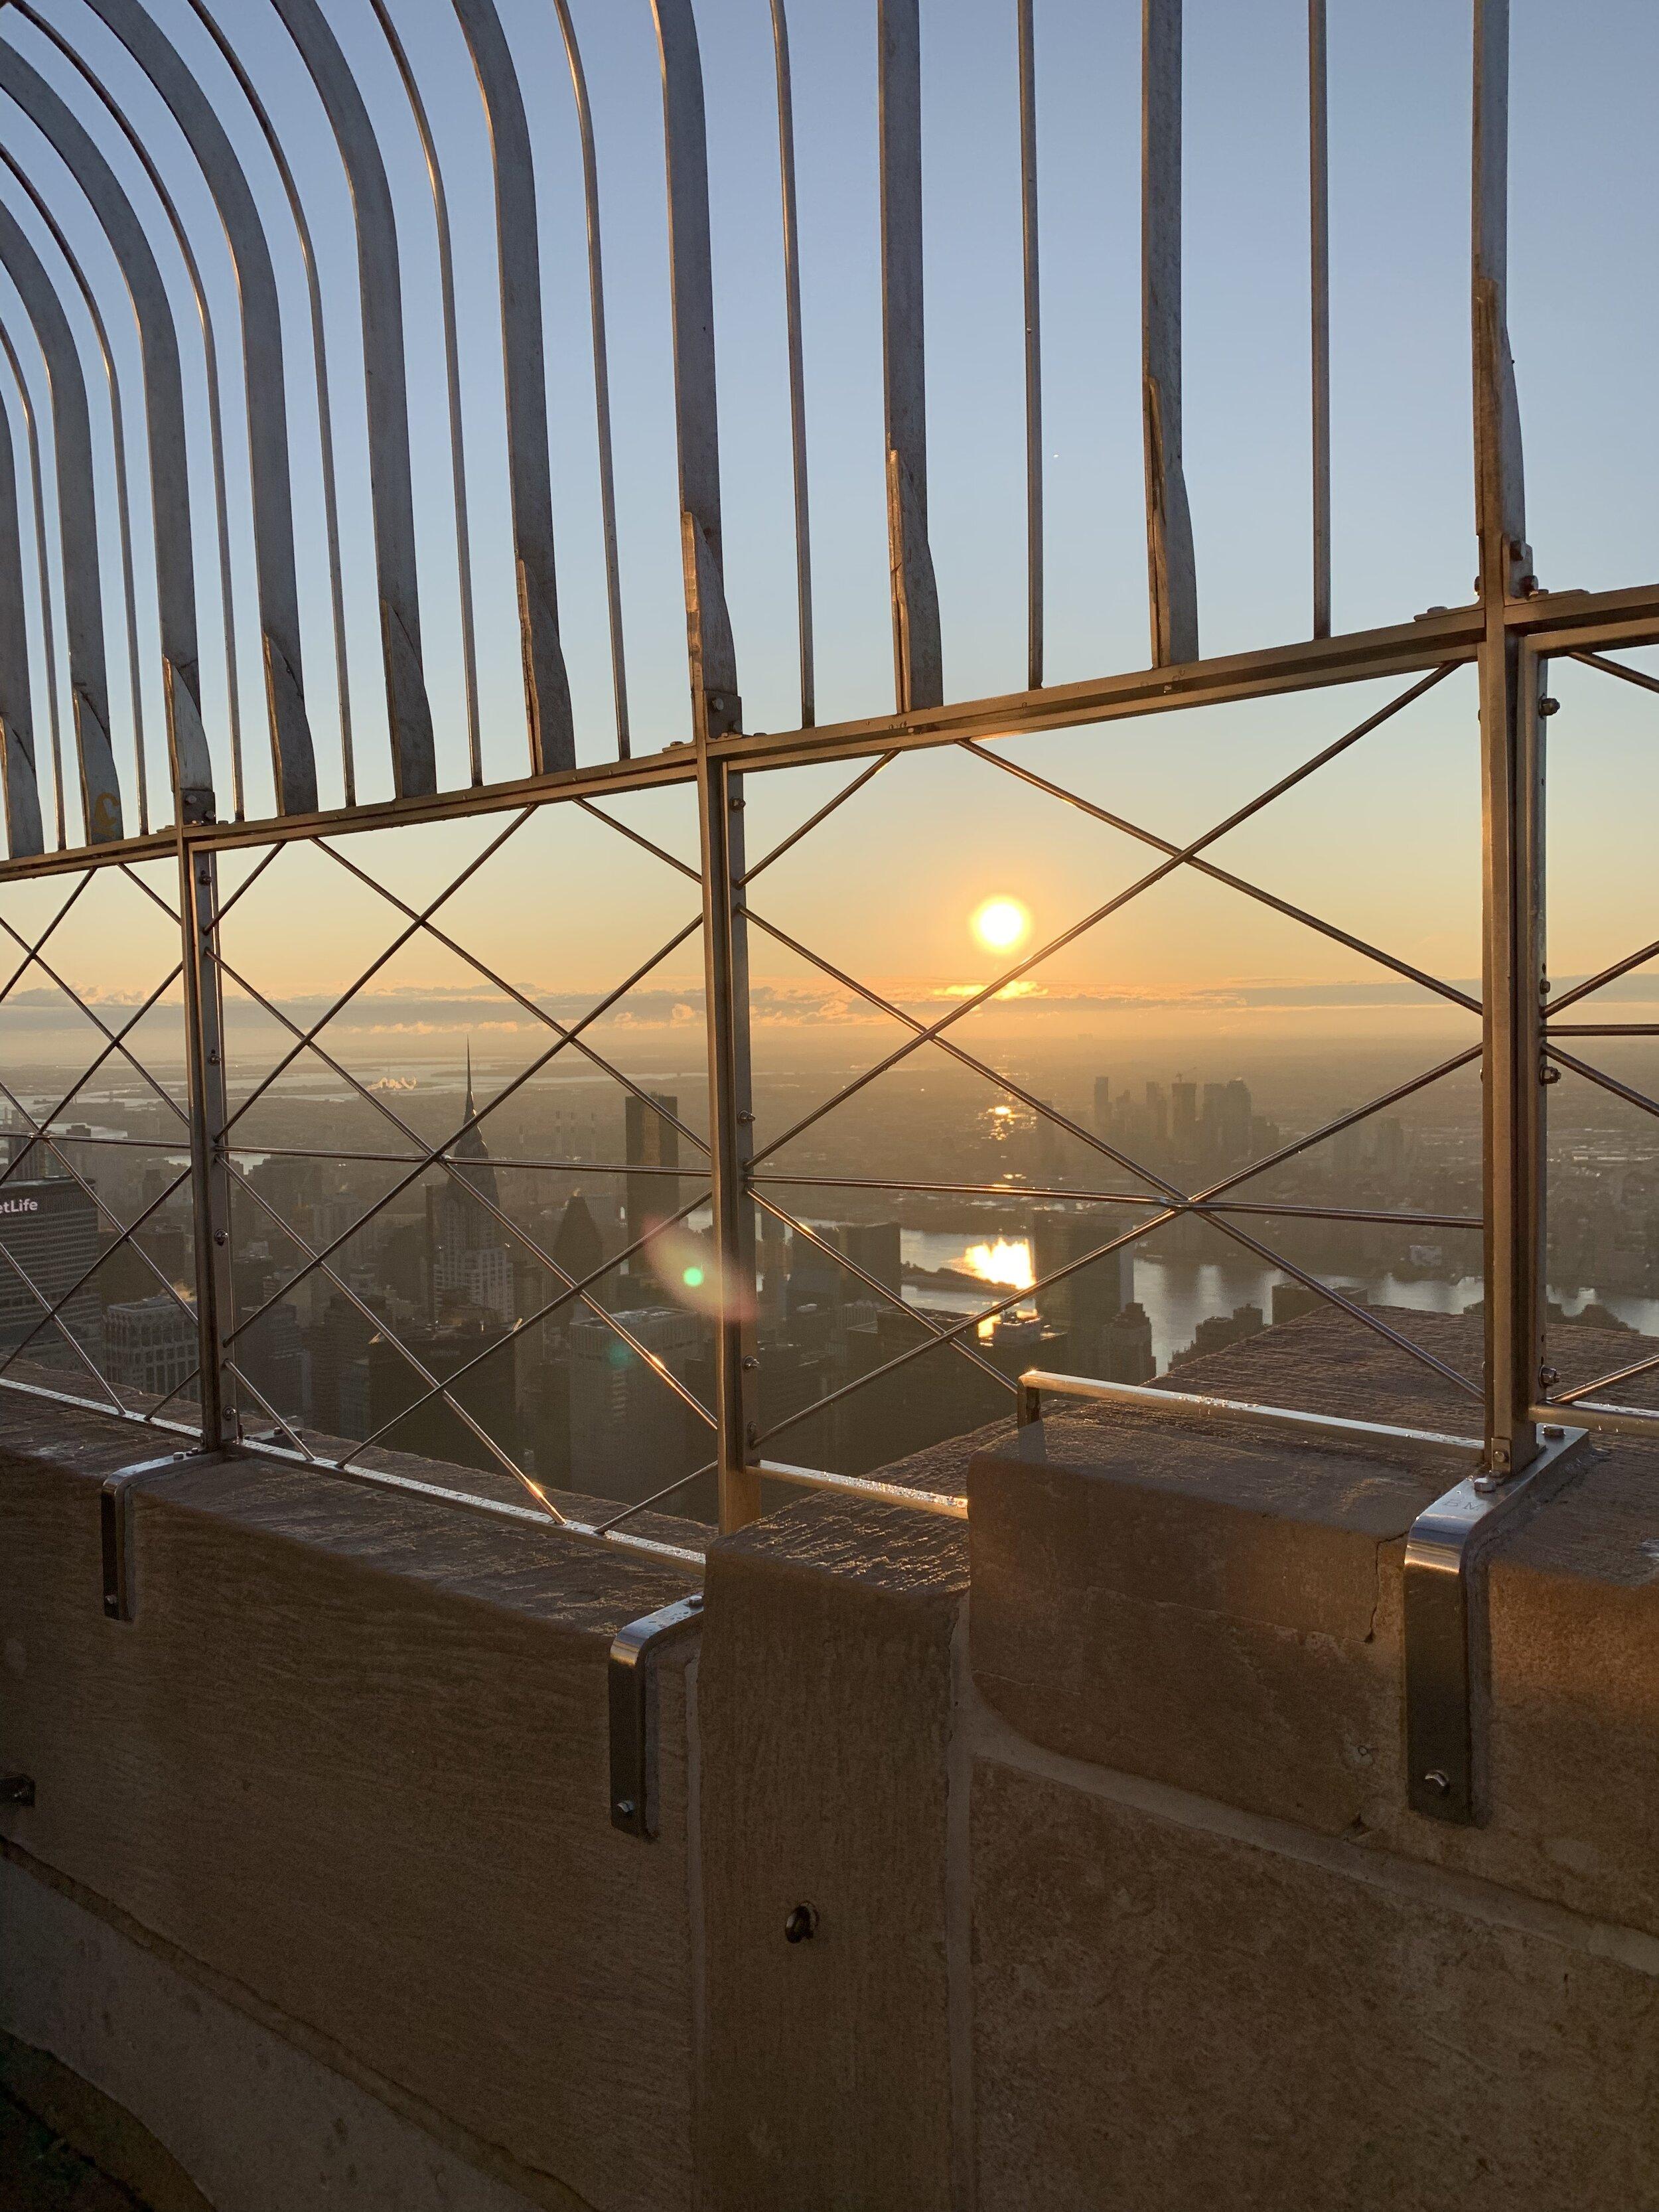 bresheppard.com : NYFW 2019 Empire State Building Sunrise Tour.jpg